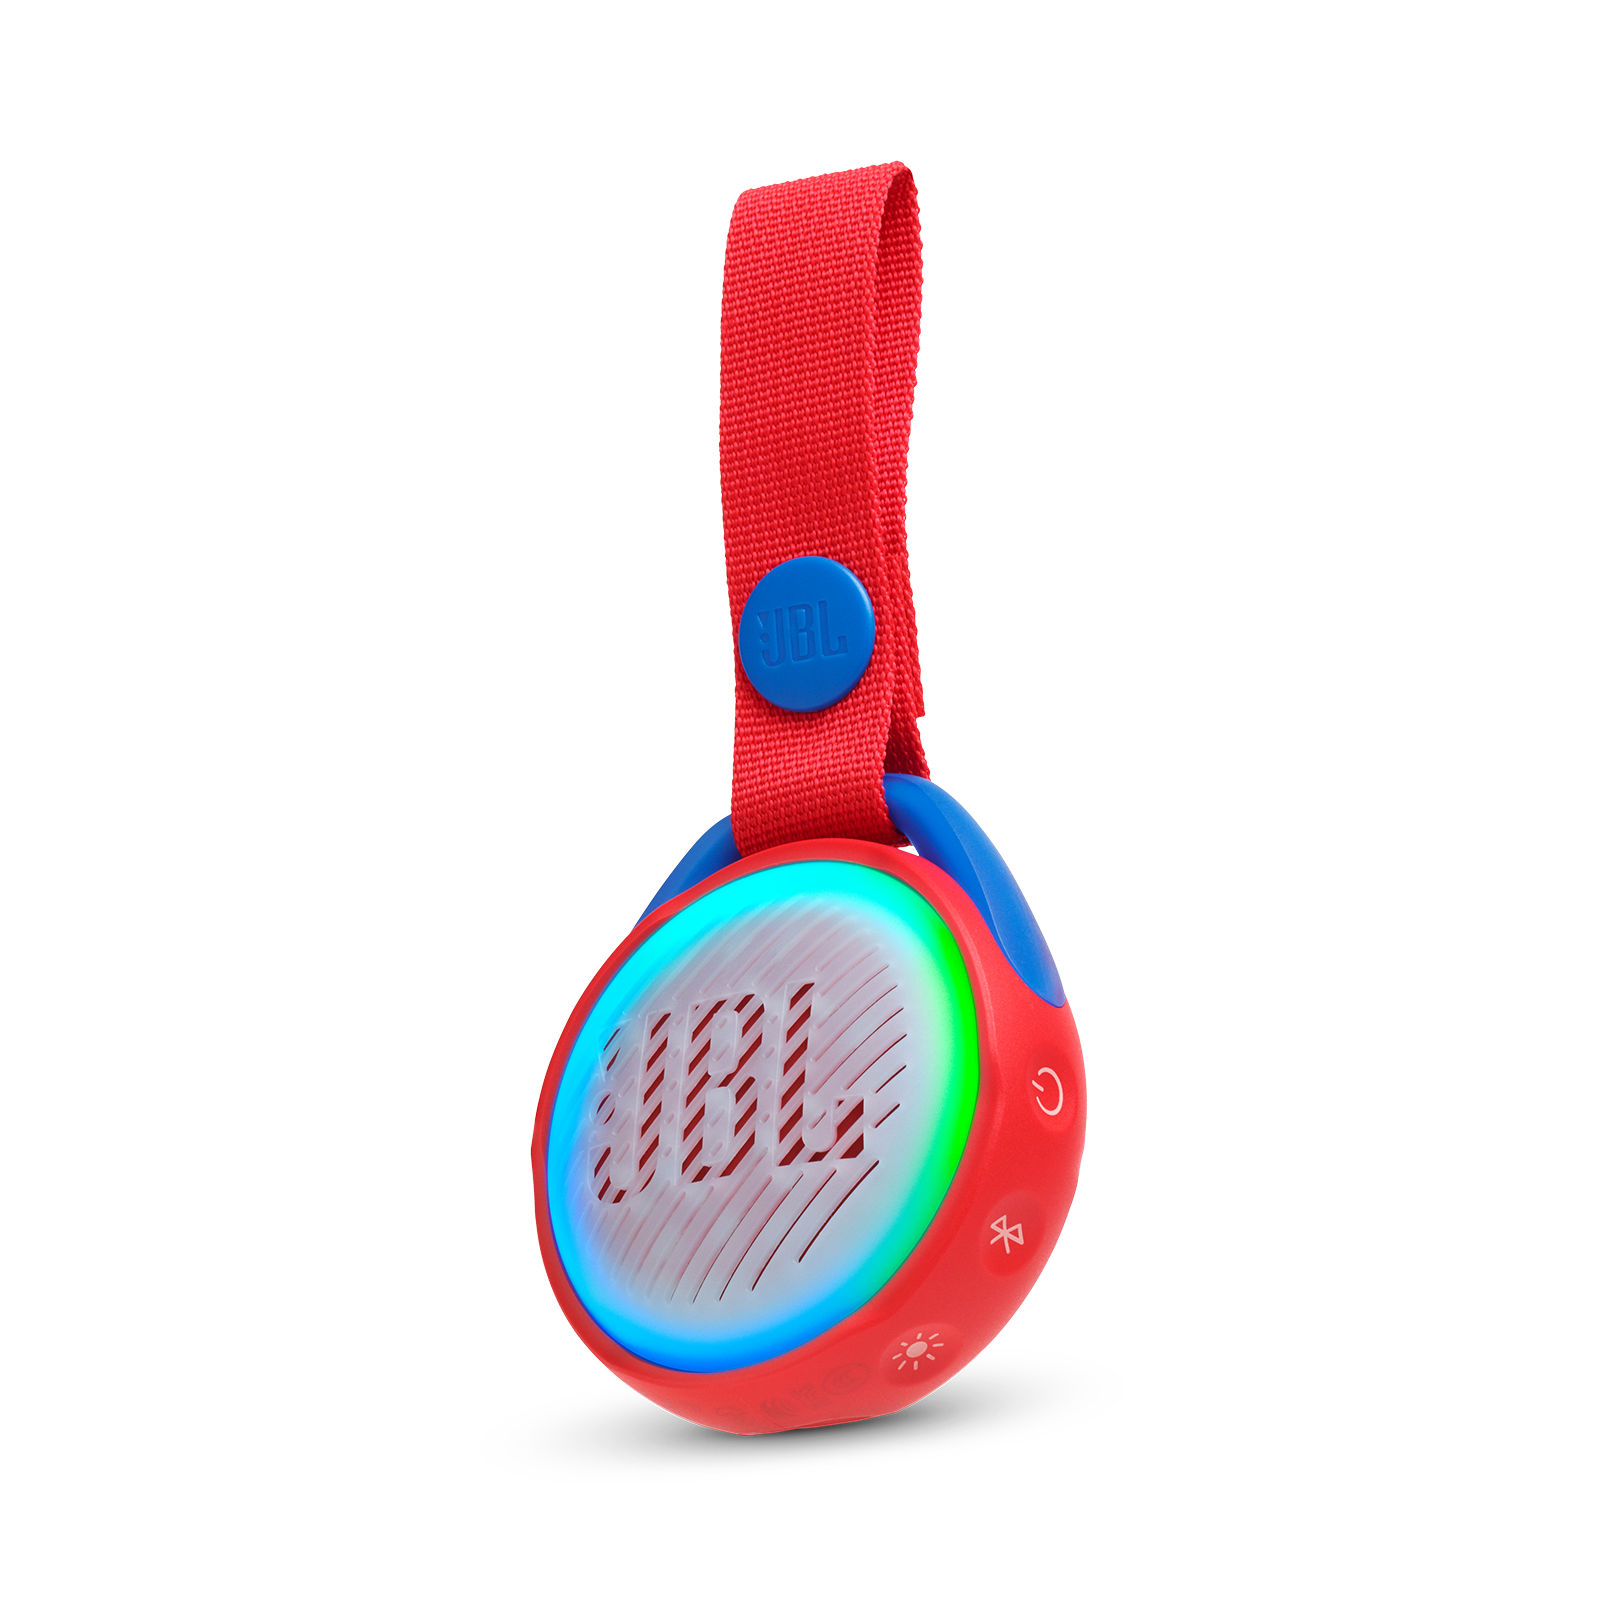 JBL JR POP - Red - Portable speaker for kids - Hero